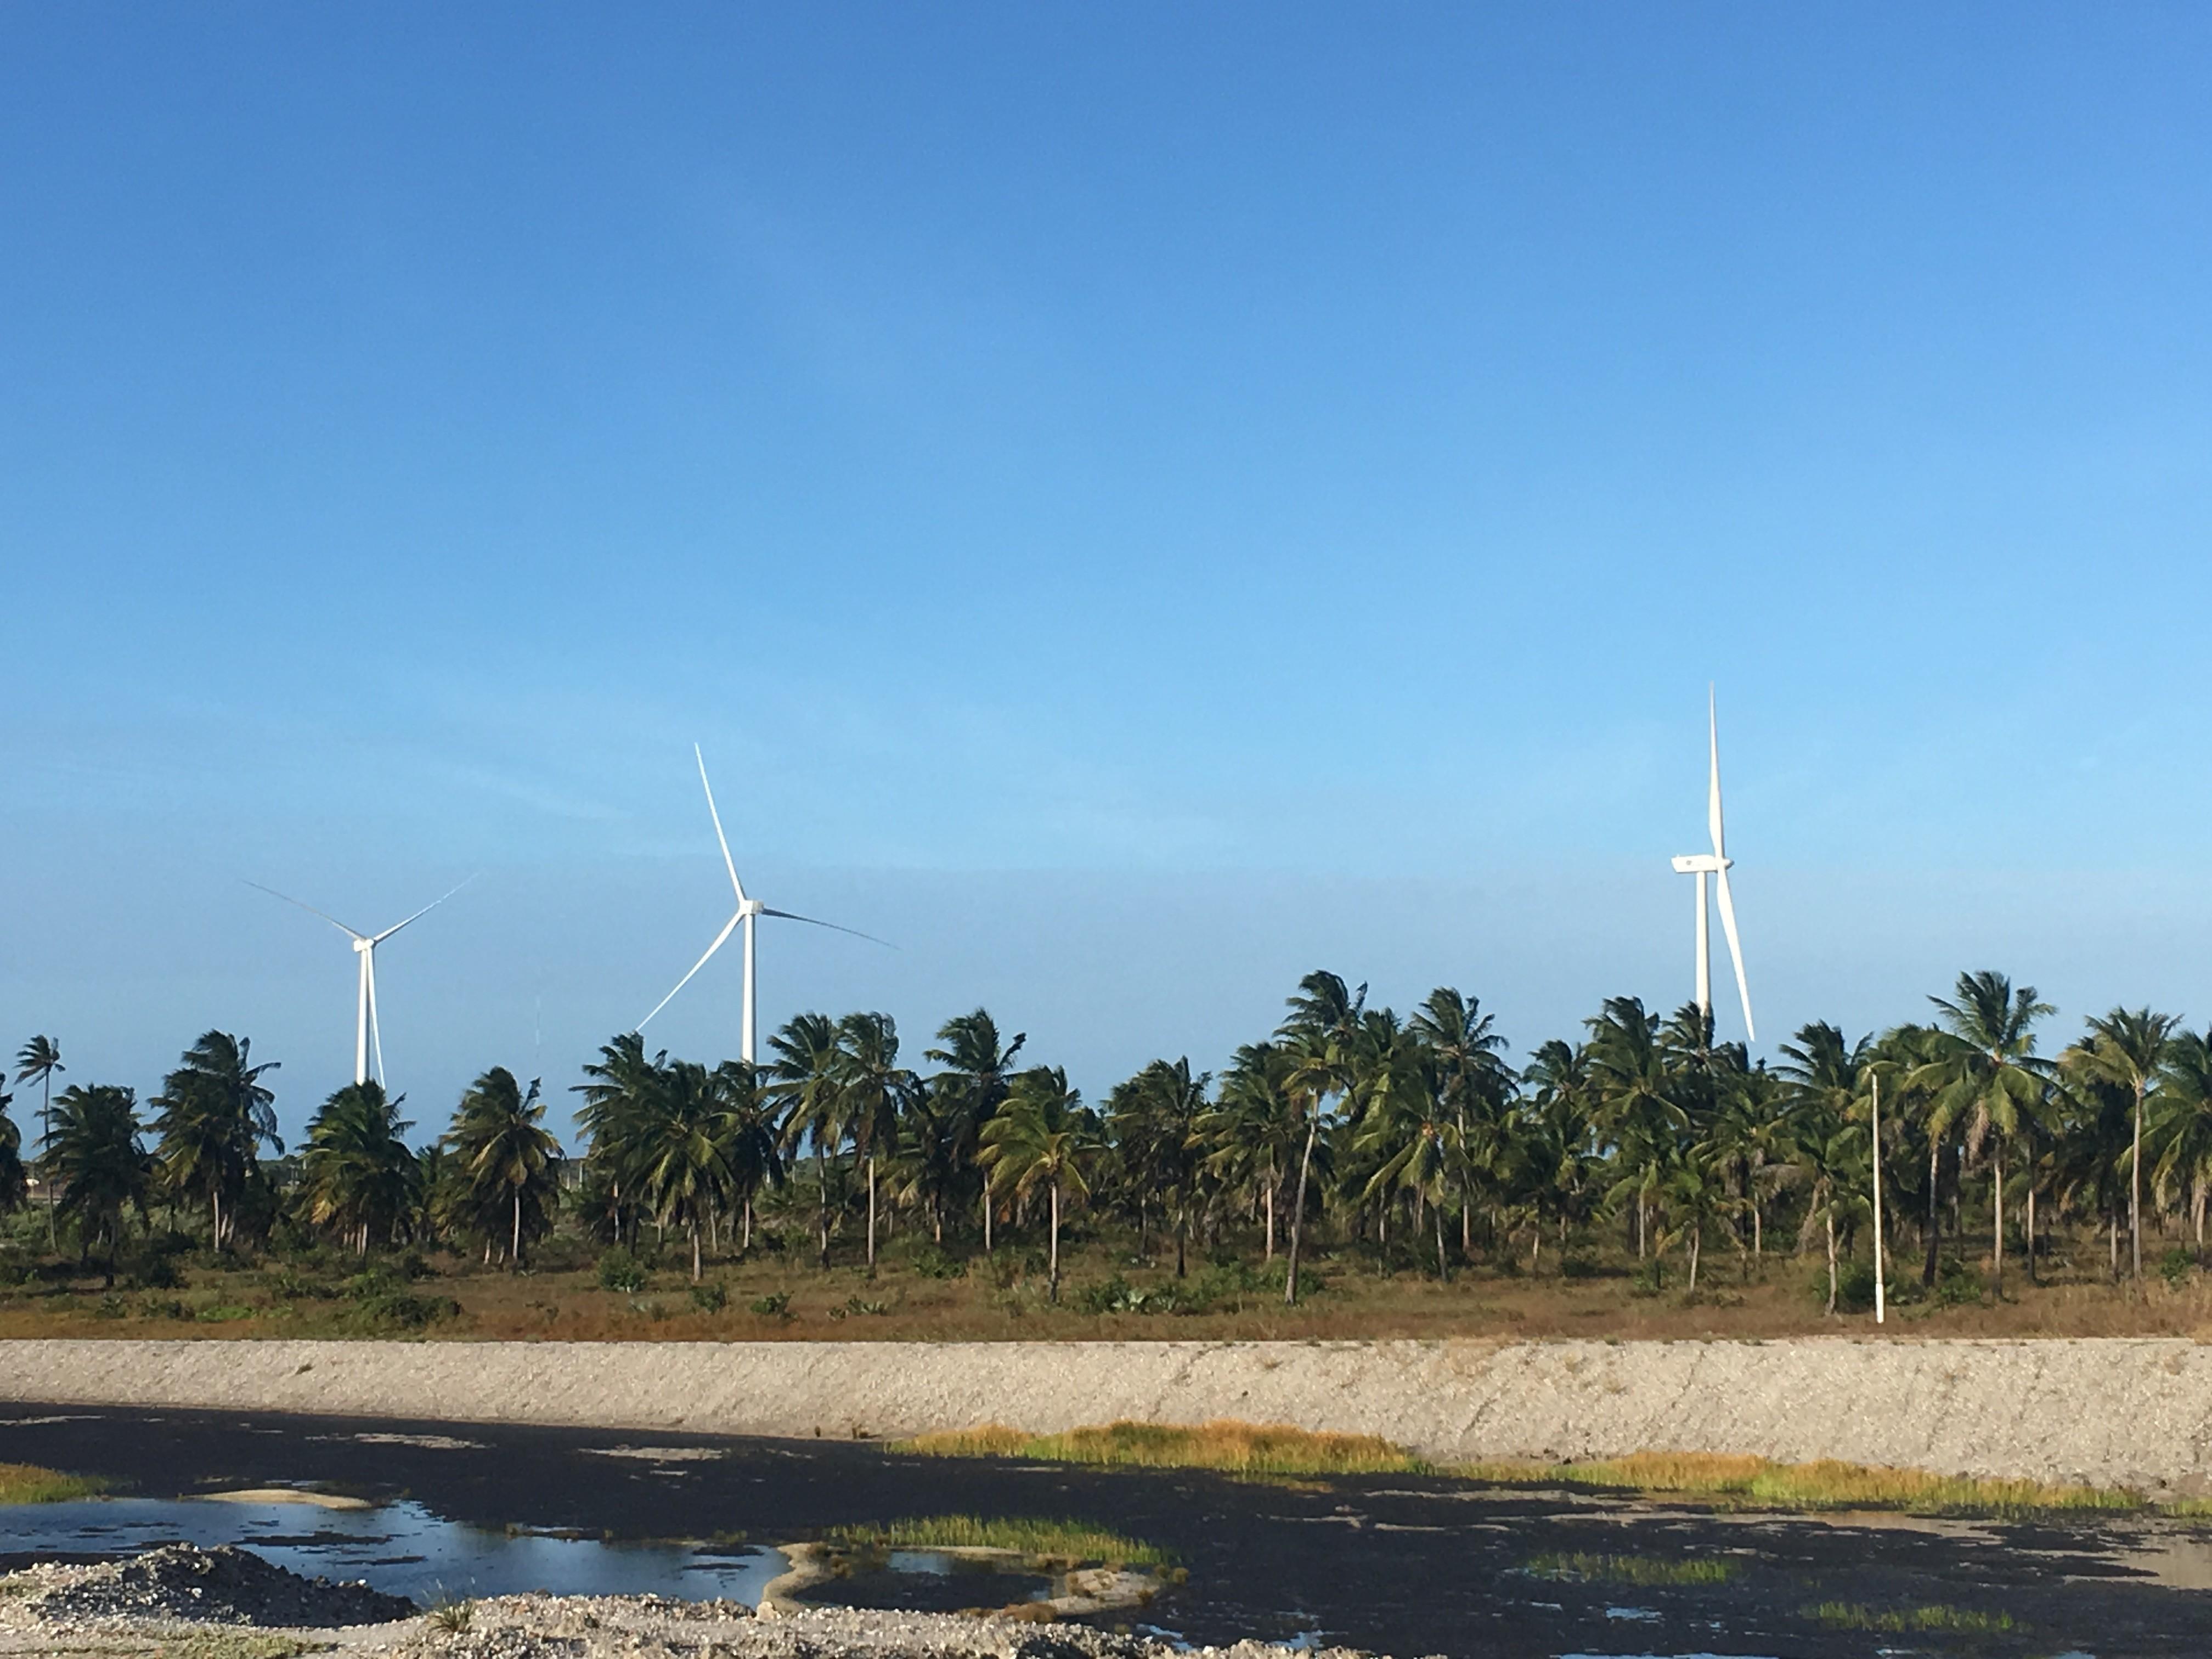 Parque éolico em Aracau, no Ceará, será capaz de gerar 33% da energia consumida em 15 fábricas (Foto: Divulgação)